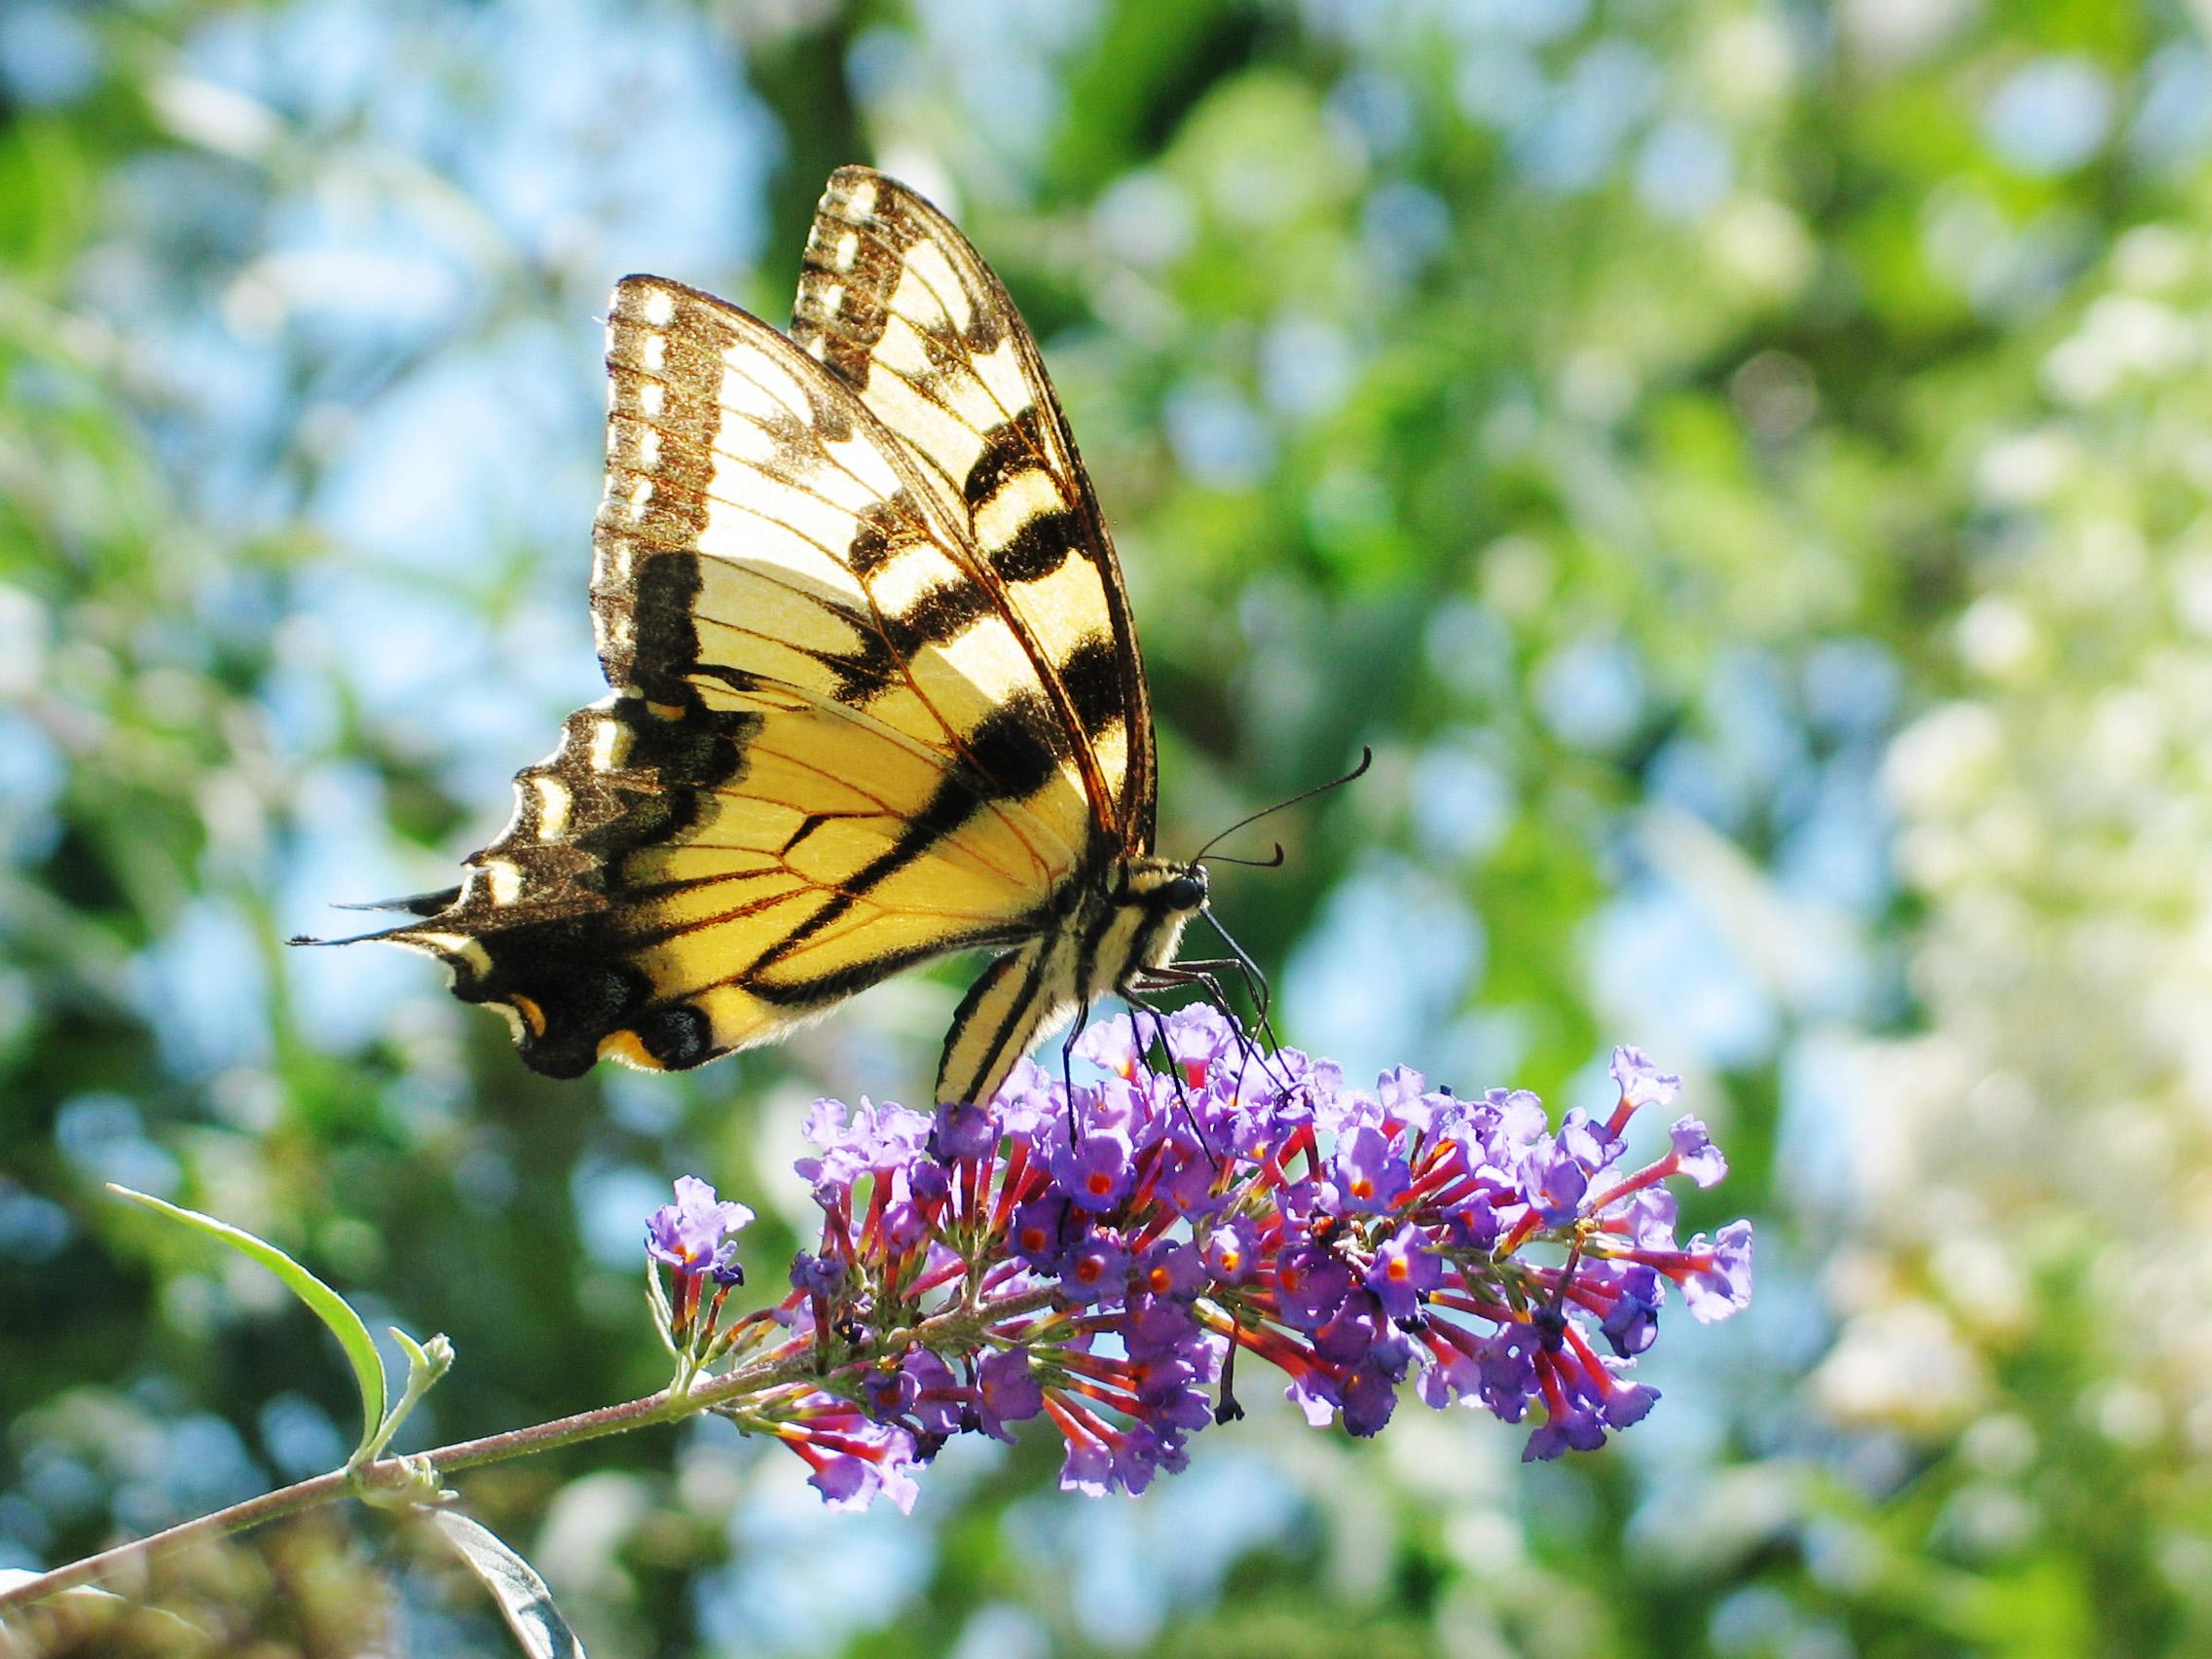 Butterfly on a mayflower.